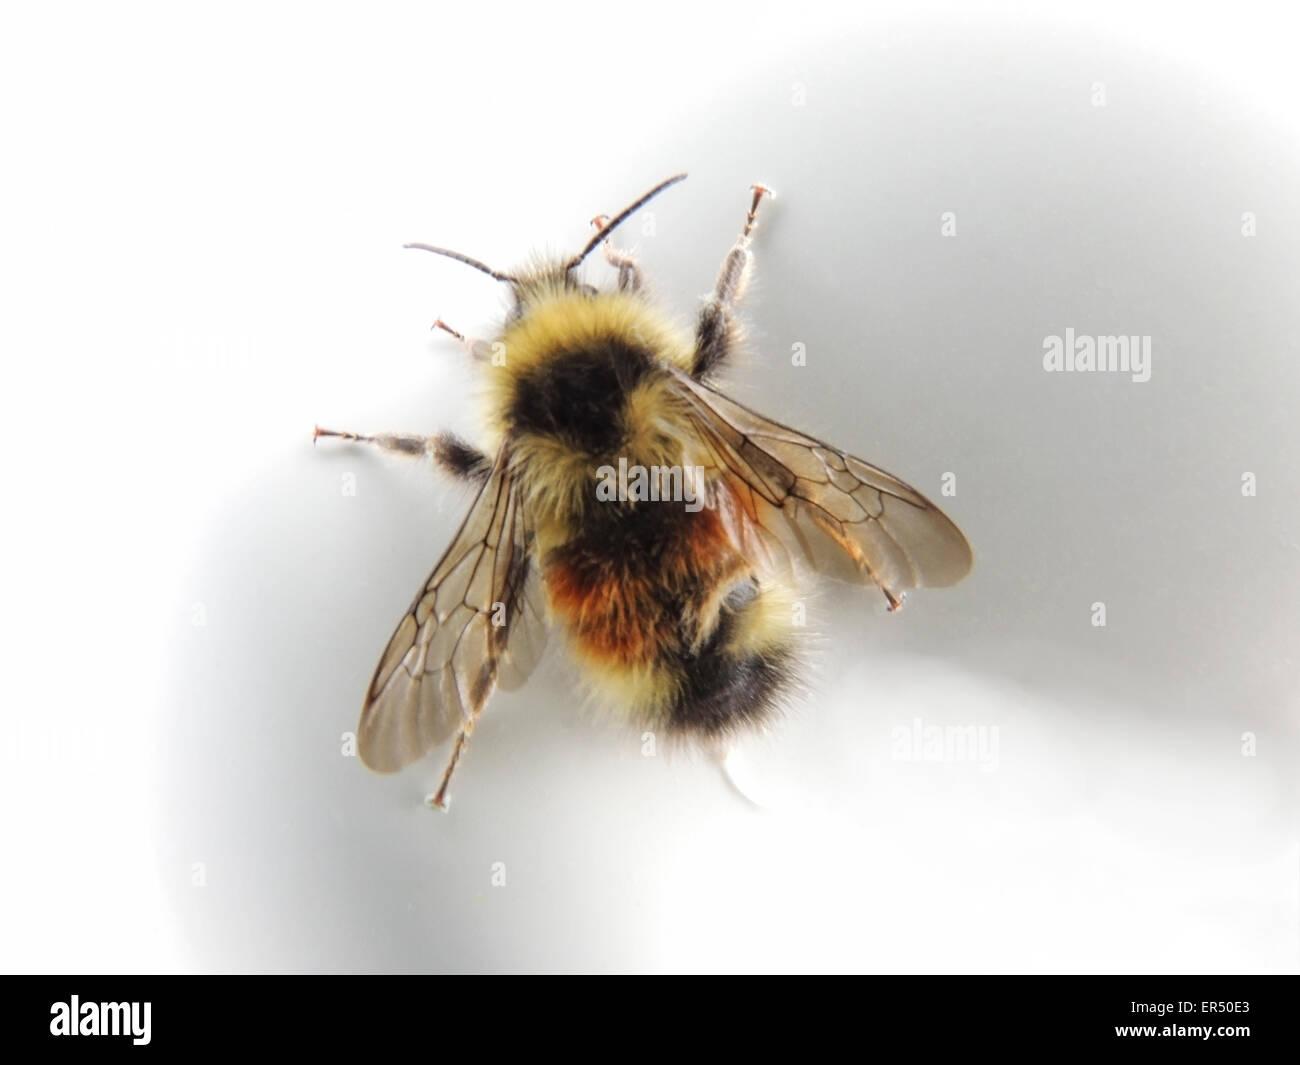 Bienen sind fliegende Insekten, die fressen hauptsächlich auf Pollen und Nektar. Man findet sie überall Stockbild